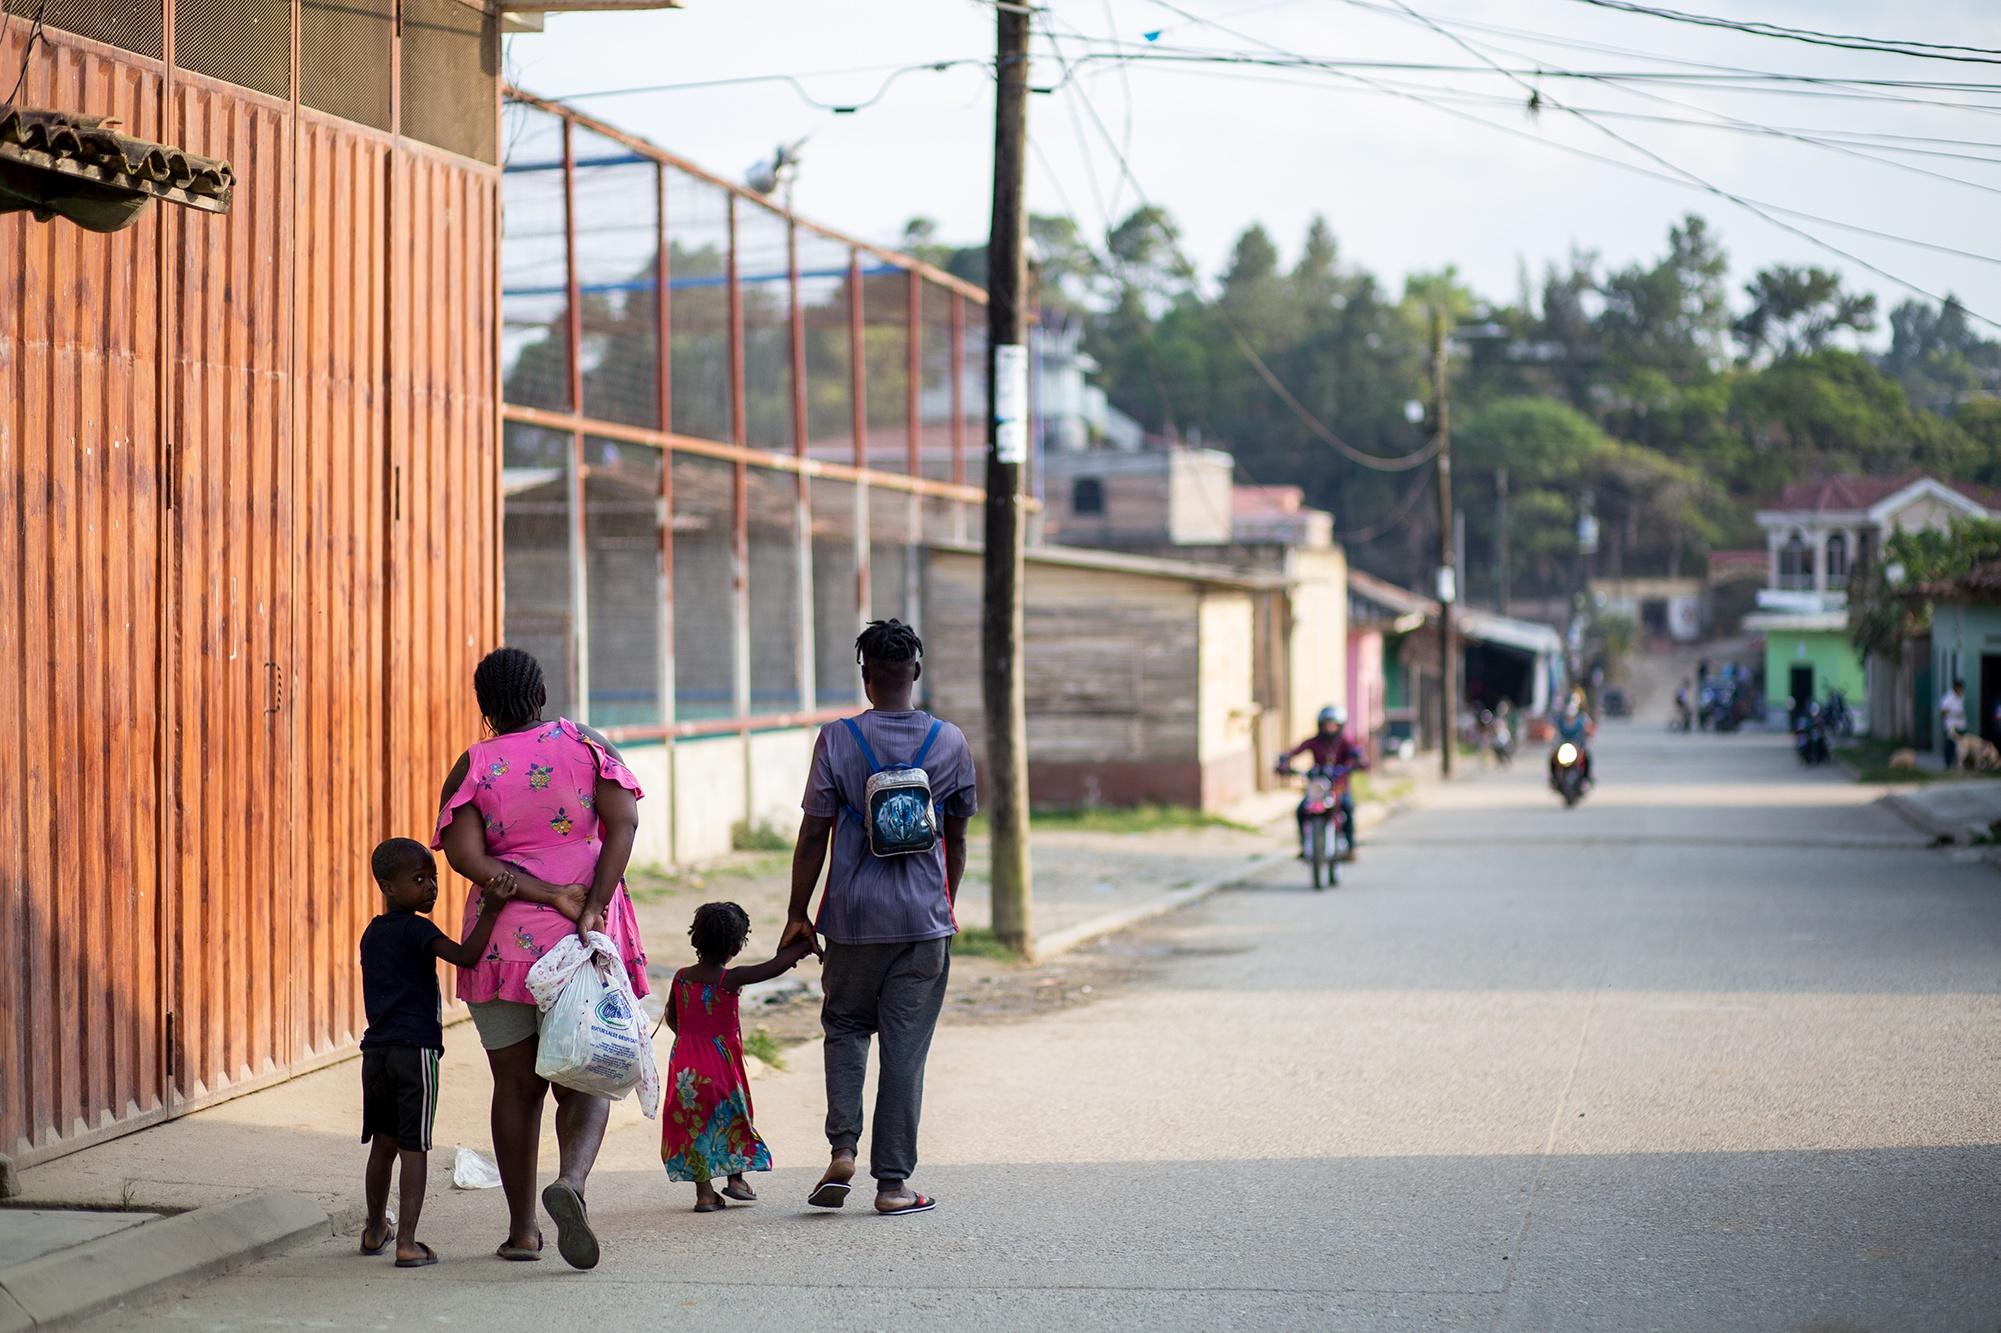 Una familia haitiana camina por una calle del casco urbano de Trójes. Las familias haitianas que han migrado los últimos dos o tres meses desde Chile o Brasil se encuentran con una traba migratoria que impide que continúen con su tránsito hacia Estados Unidos, una multa de 190 dólares por haber cruzado por puntos ciegos hasta territorio hondureño. Trójes, El Paraíso, 20 de abril de 2021. Foto: Martín Cálix.